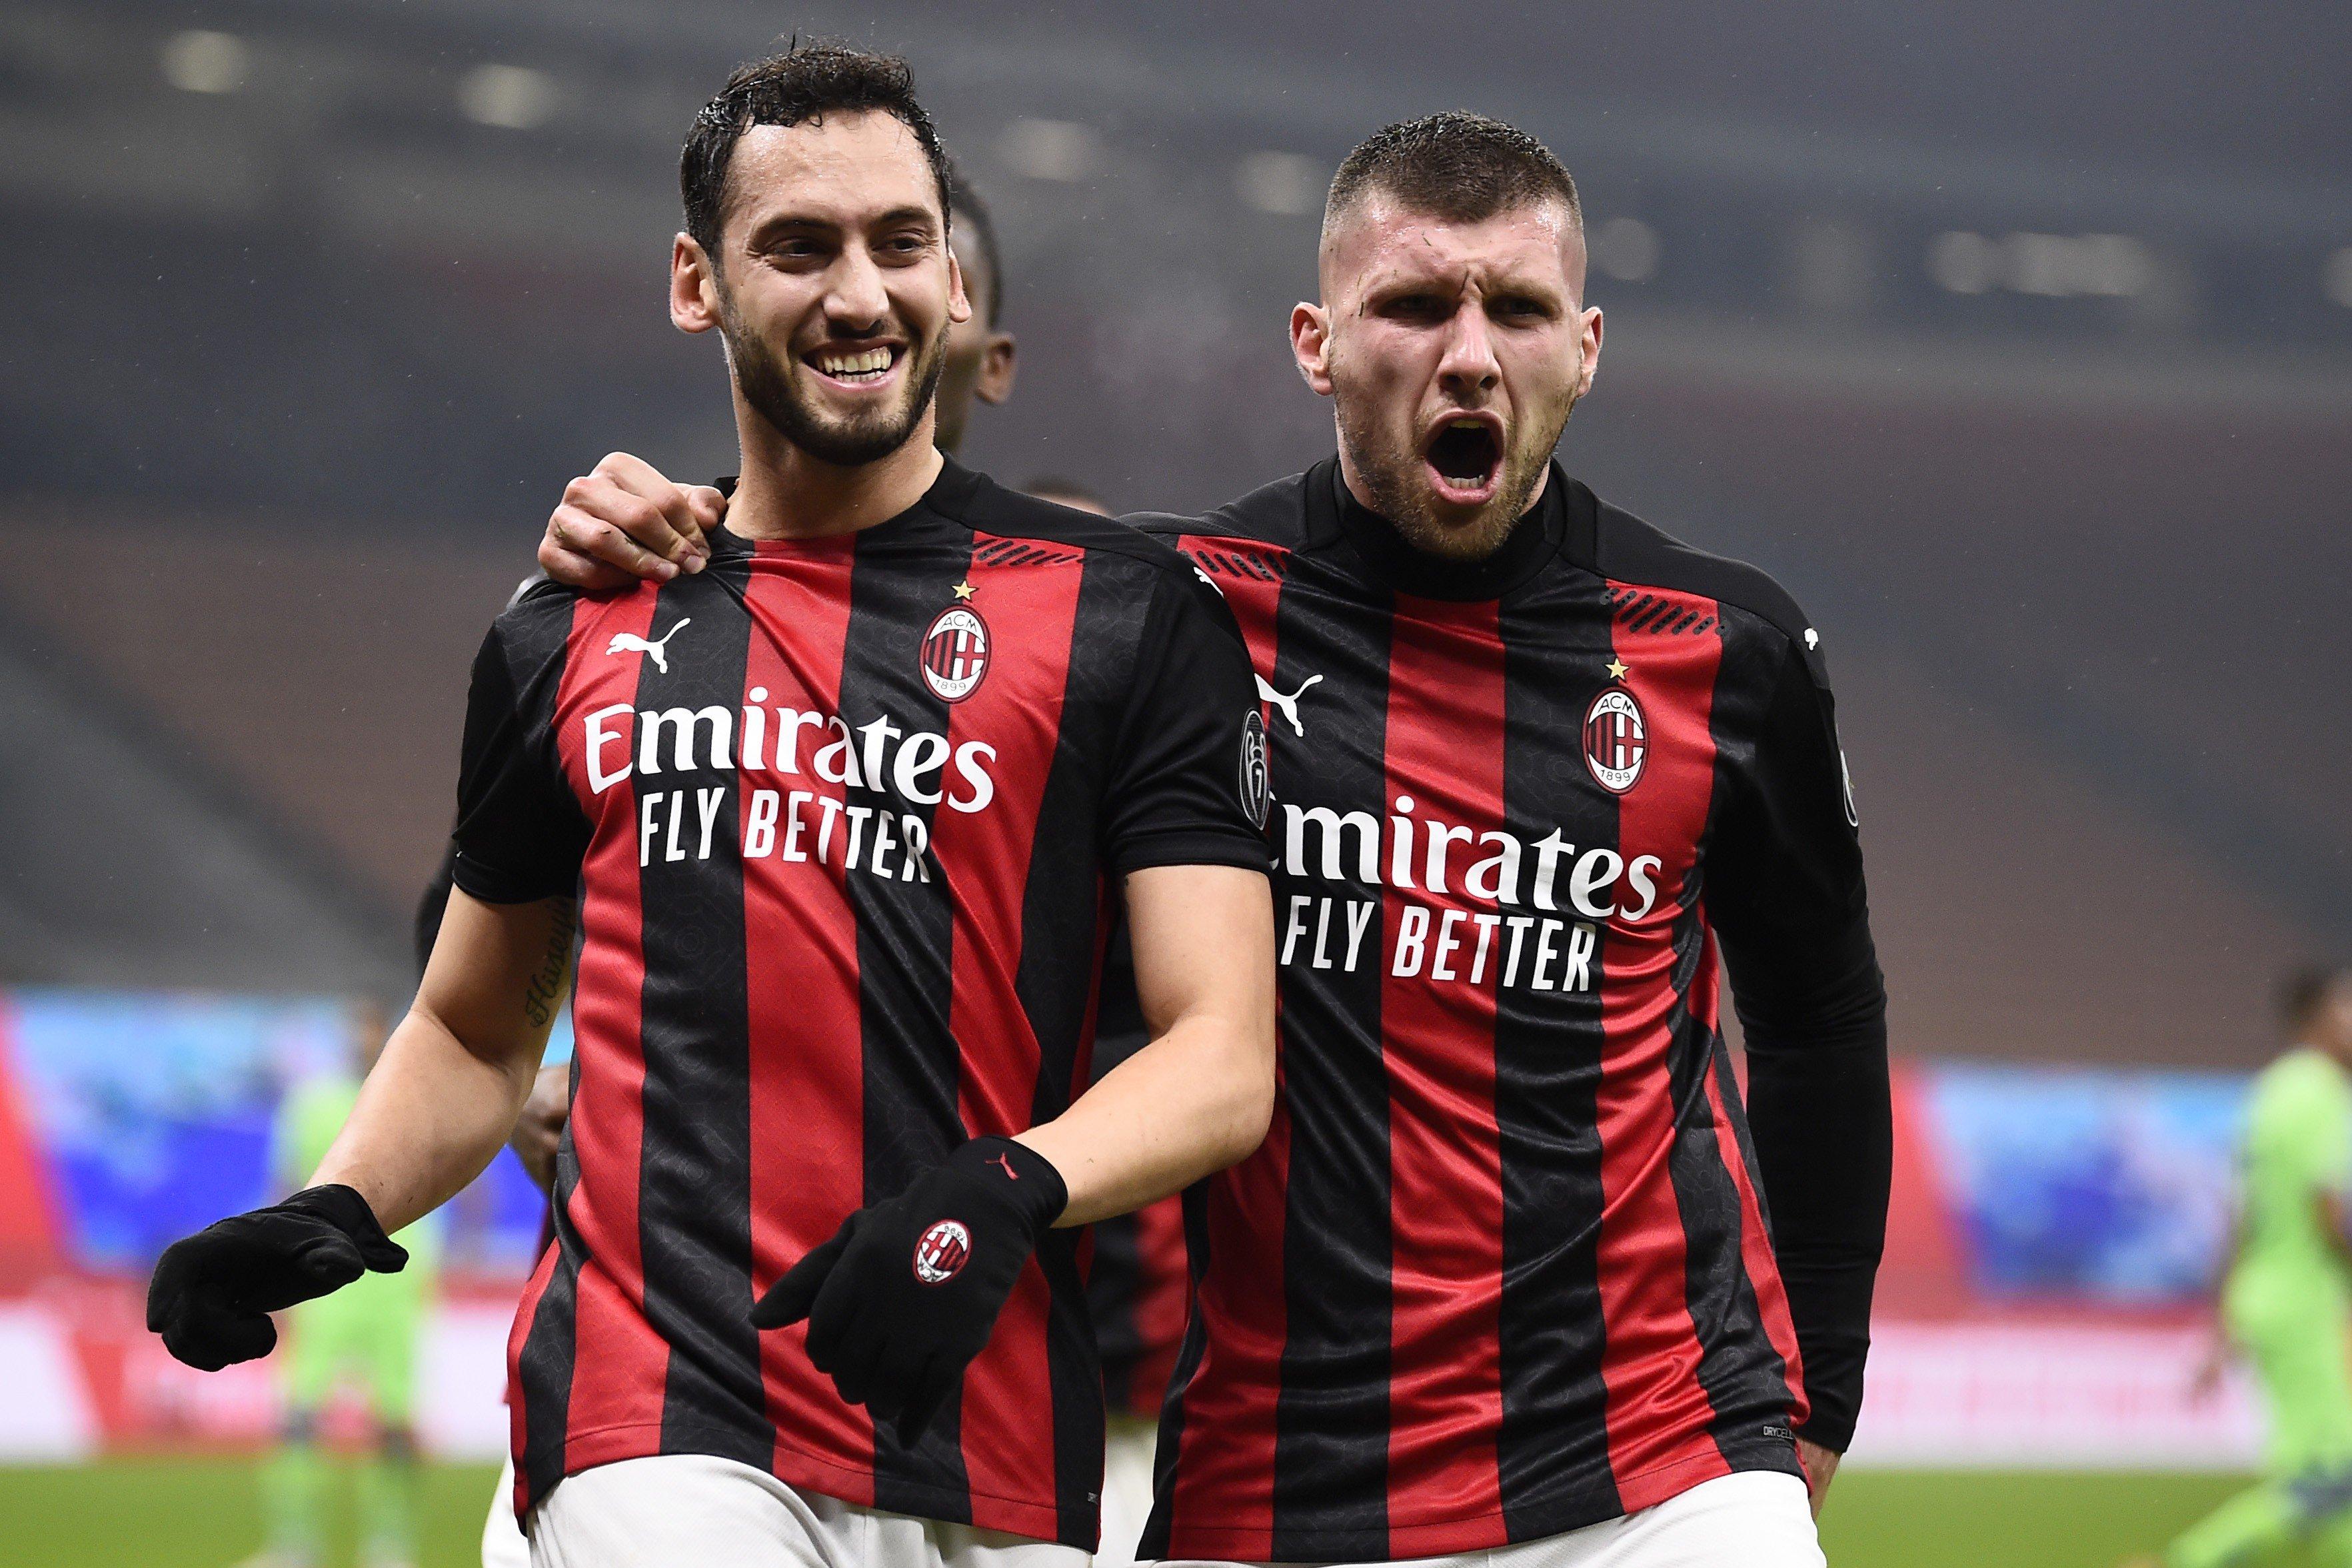 Classifiche a confronto: Milan e Napoli su, Inter e Juve giù |  Sport e Vai